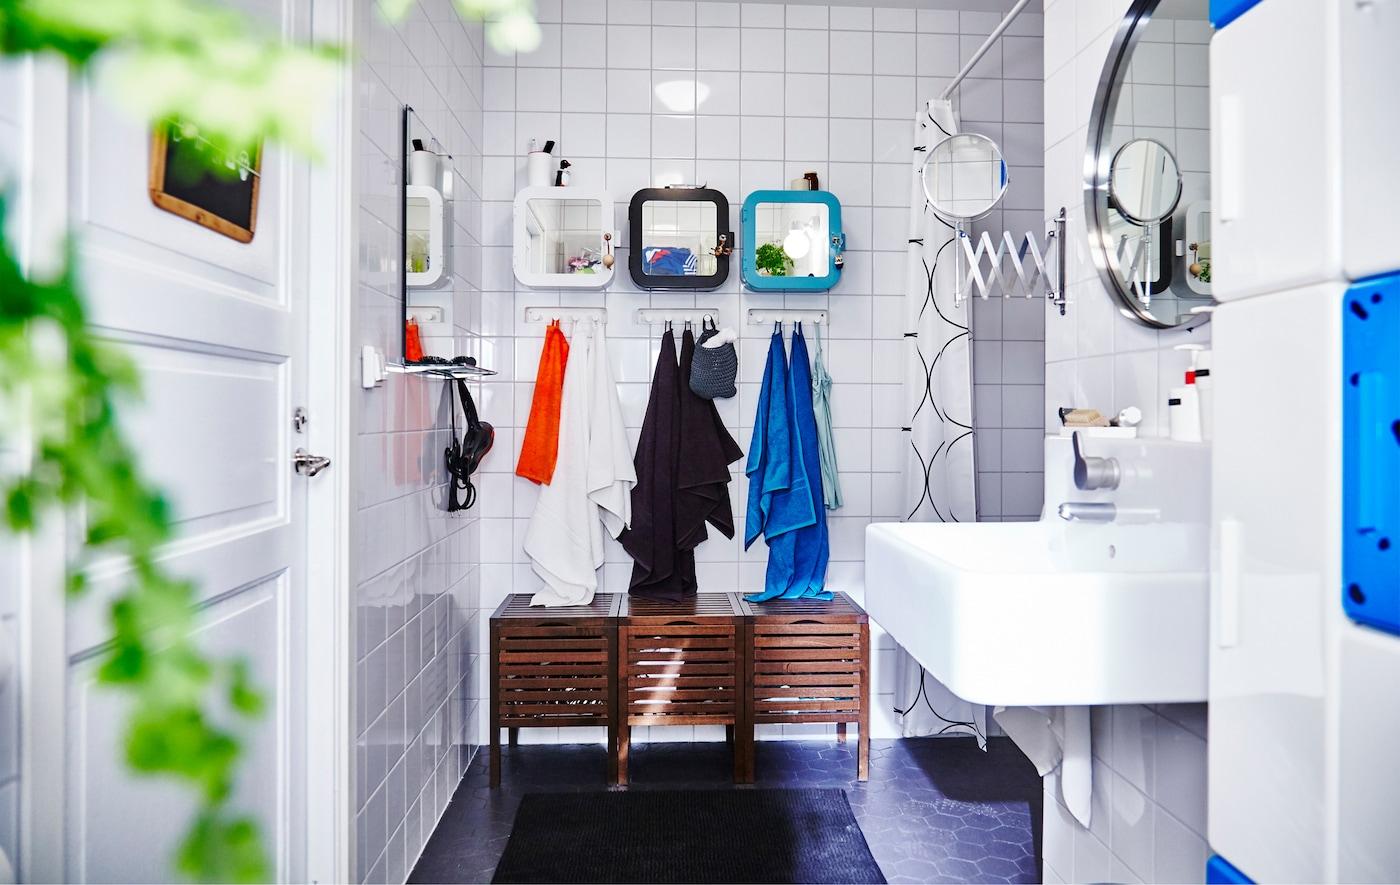 Salle de bain avec rangements et accessoires IKEA